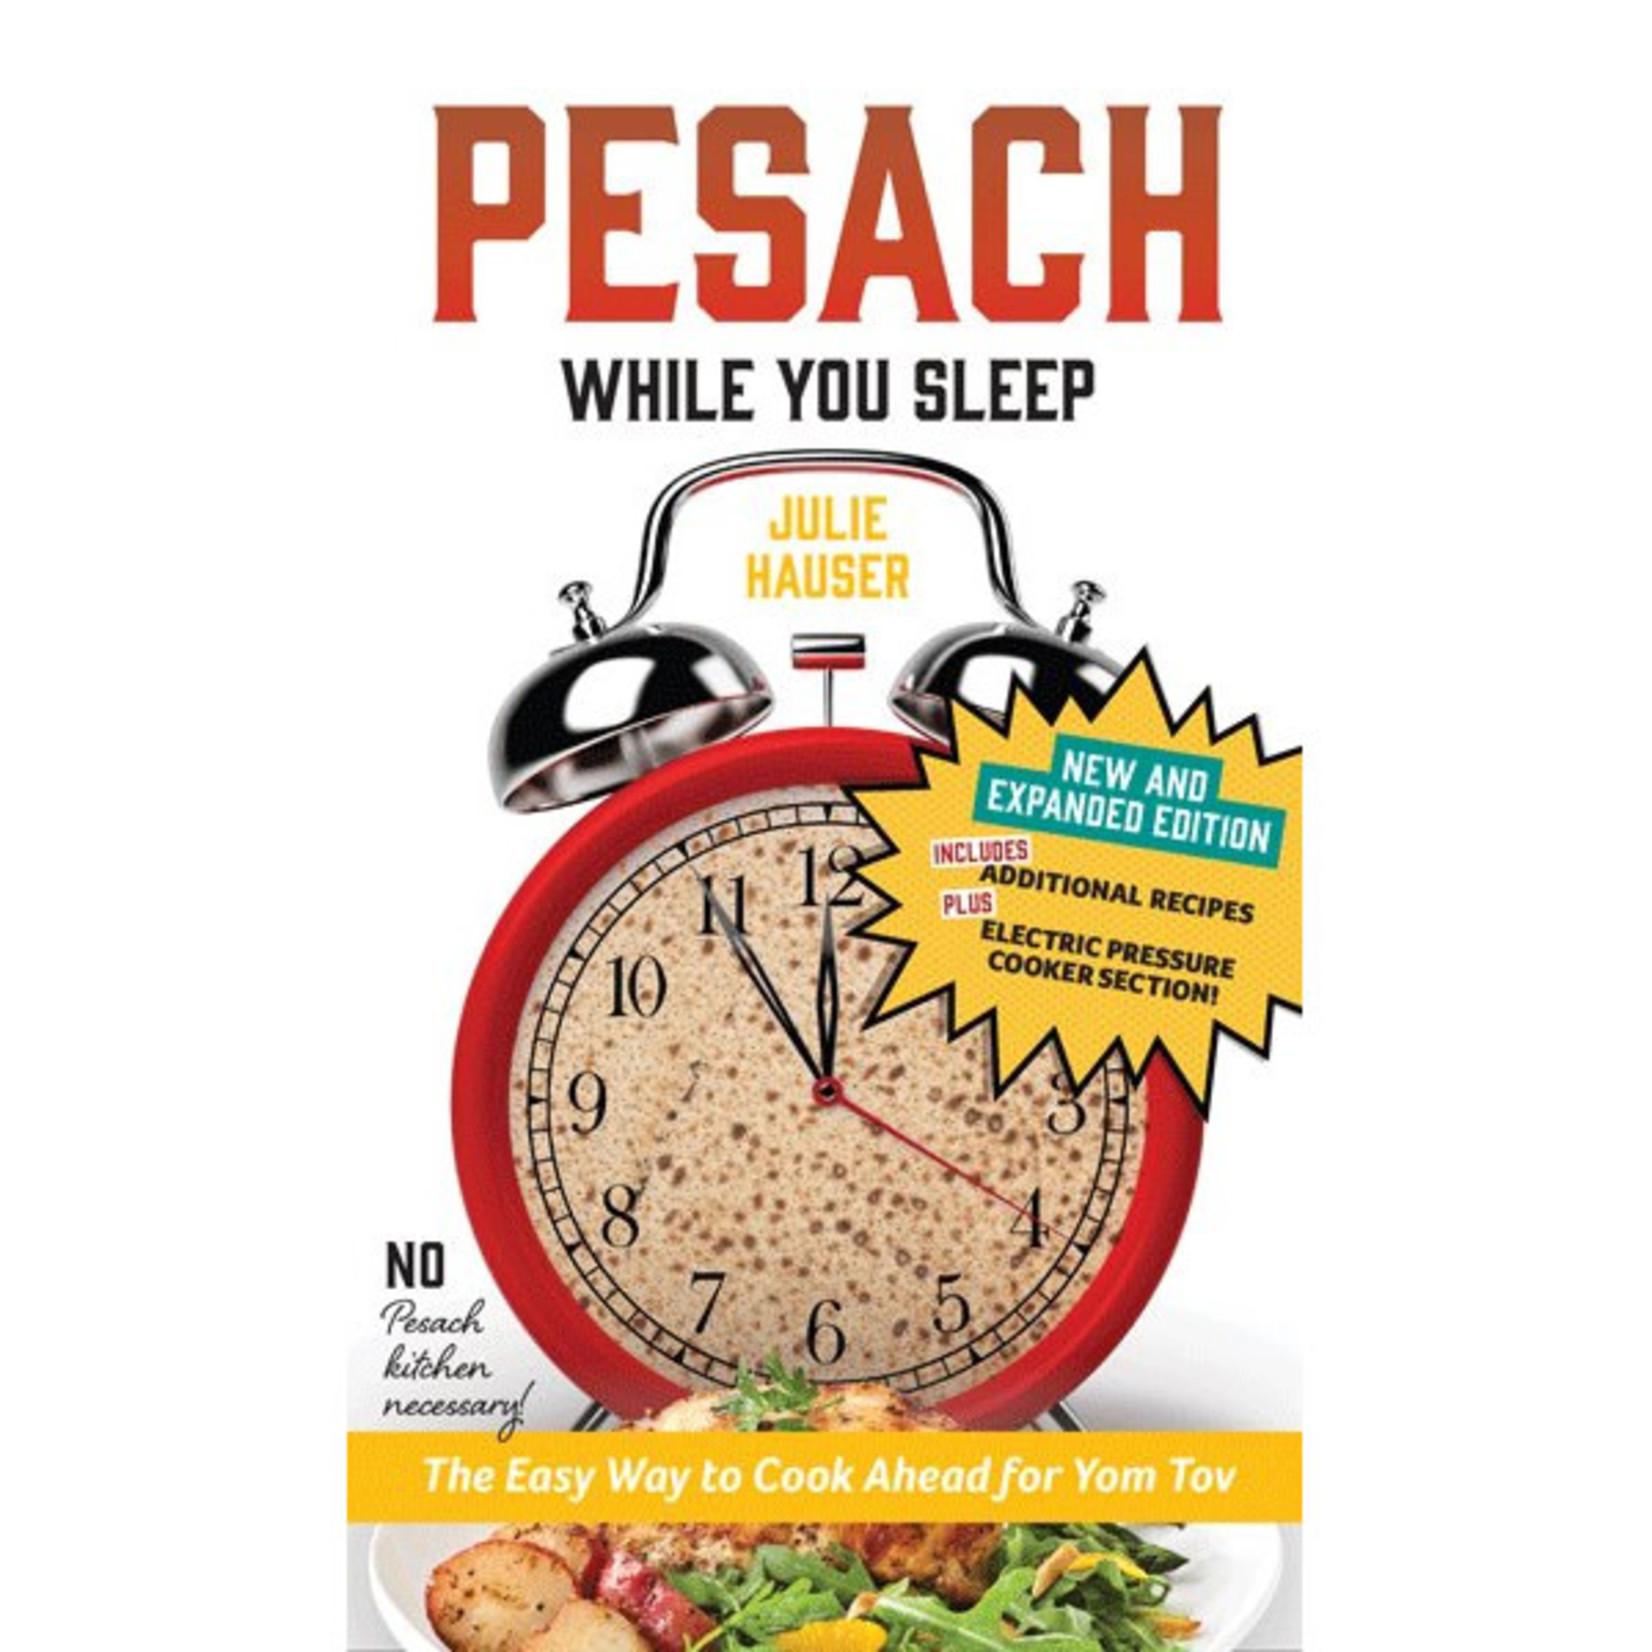 Pesach While You Sleep